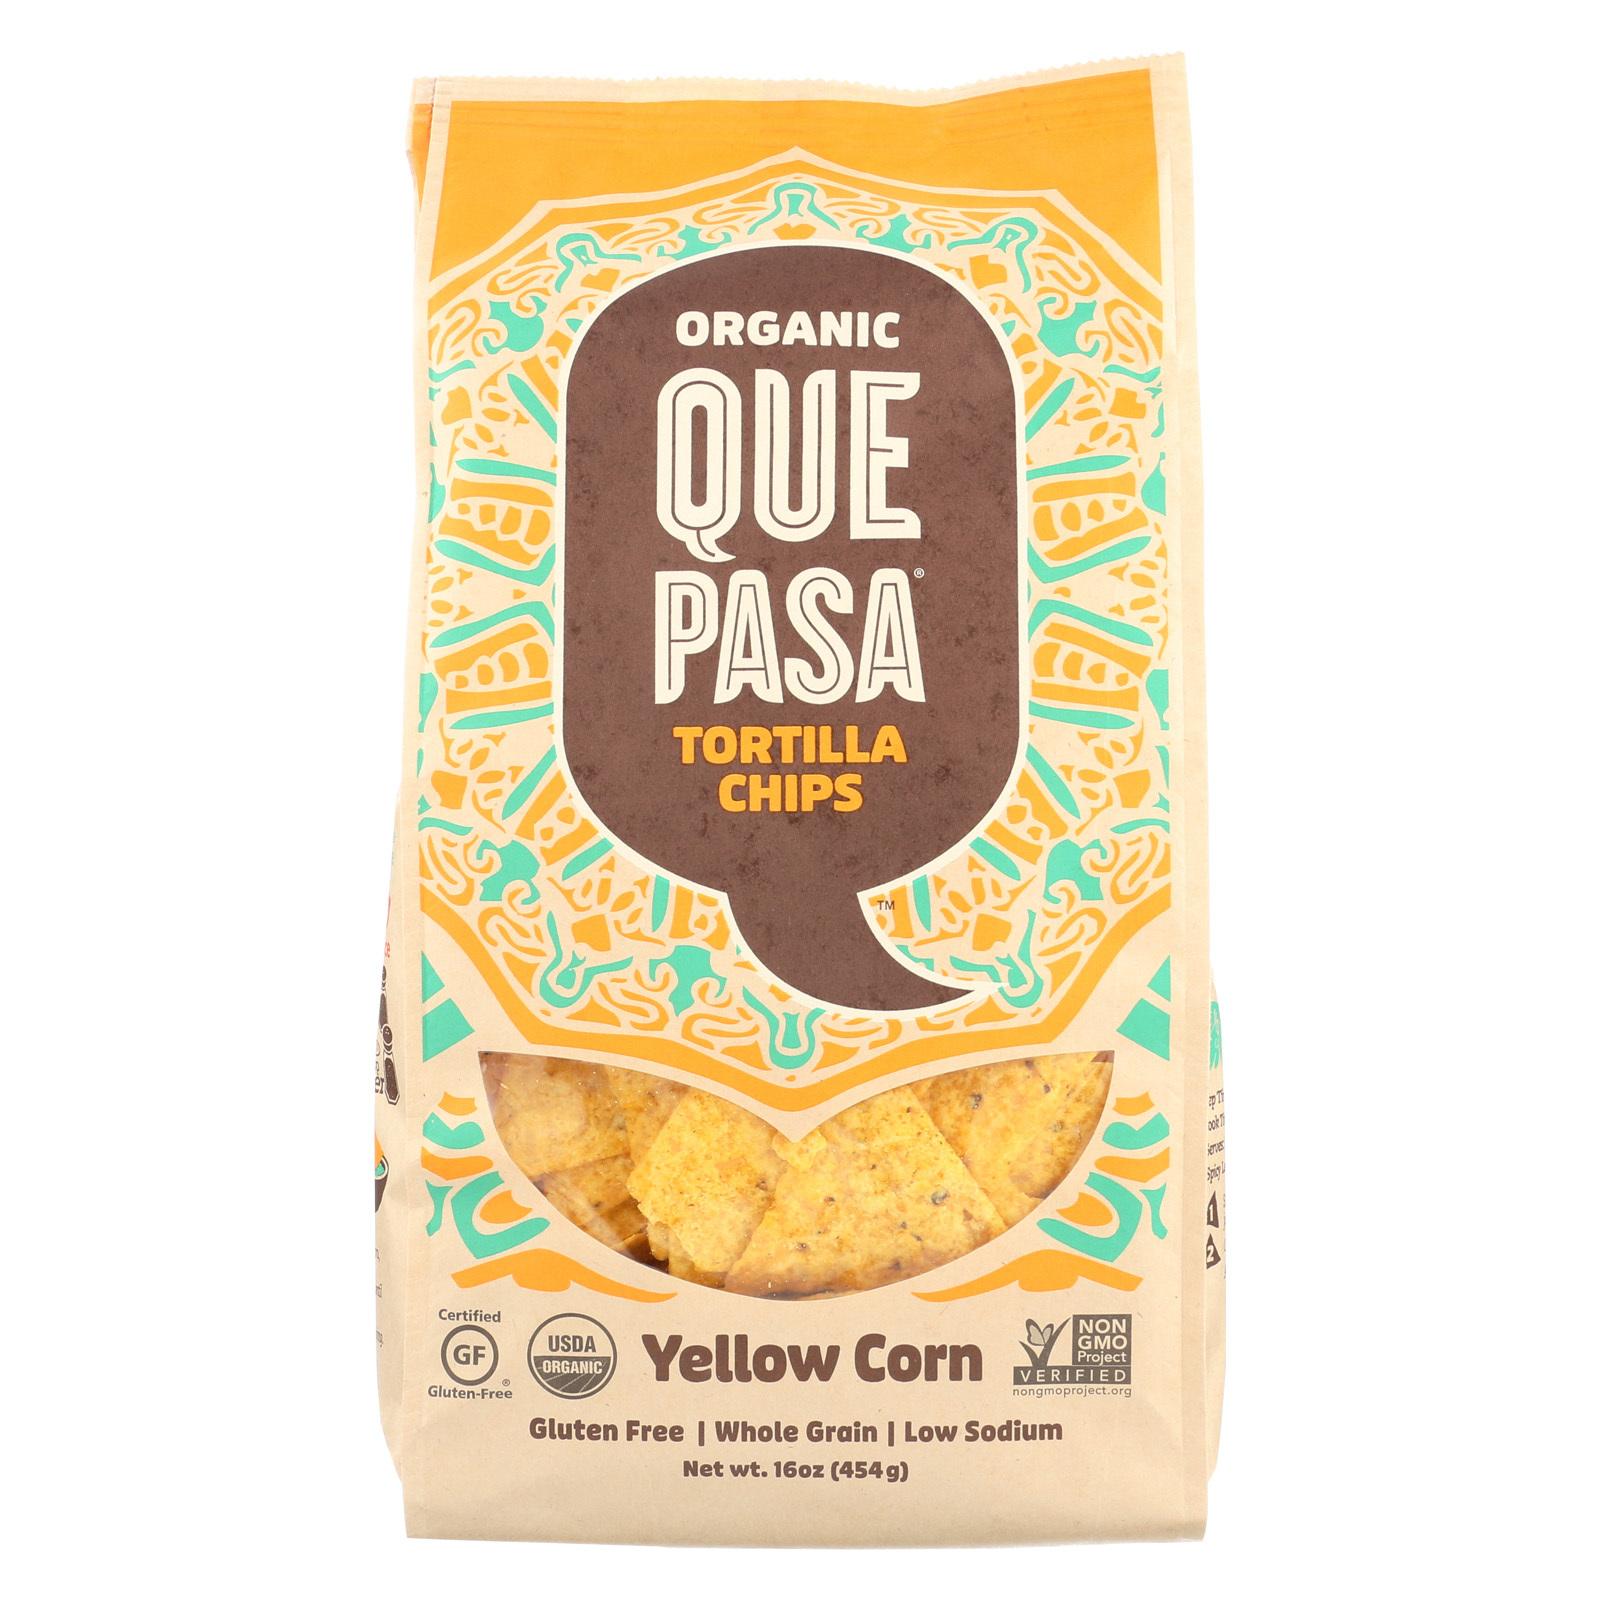 Que Pasa Tortilla Chip - Yellow Corn - Case of 12 - 16 oz.